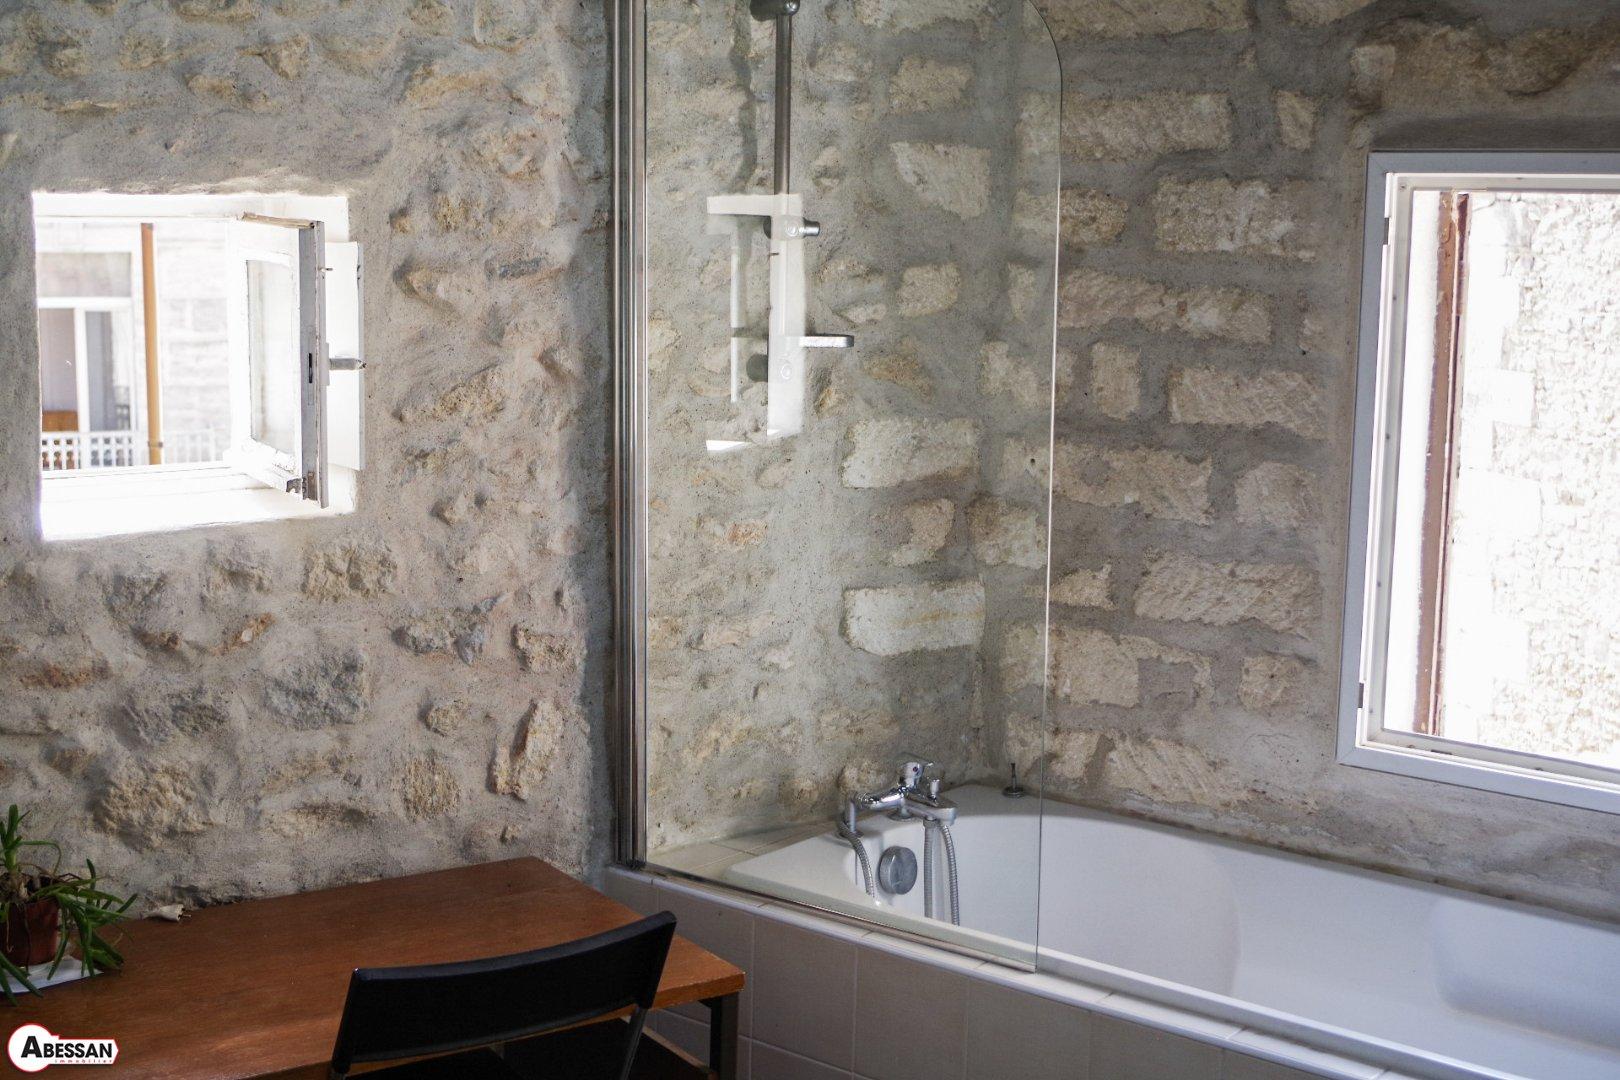 zum verkauf angeboten in montpellier haus 20 m2 2 zimmer. Black Bedroom Furniture Sets. Home Design Ideas